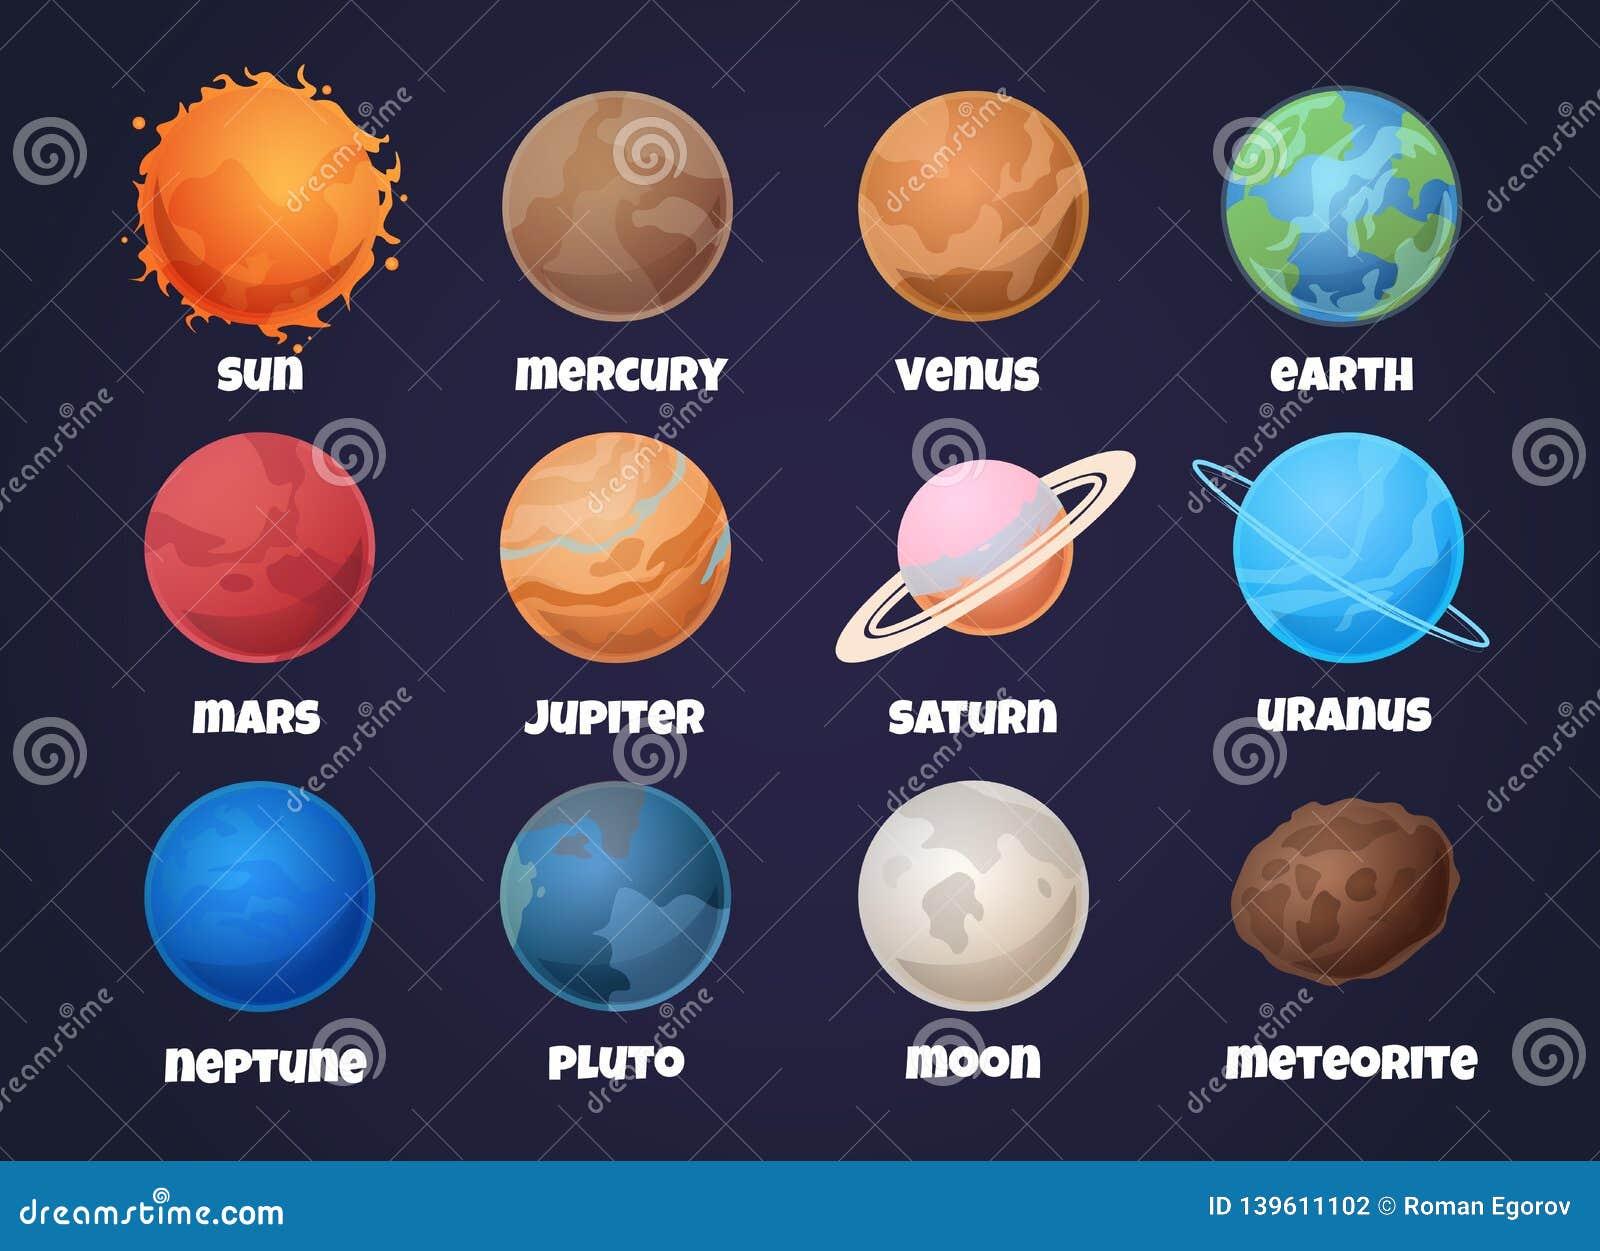 Zonnestelselplaneten Het beeldverhaalkwik en venus, aarde en brengen, Jupiter en Saturnus, Uranus en Neptunus in de war astronomi